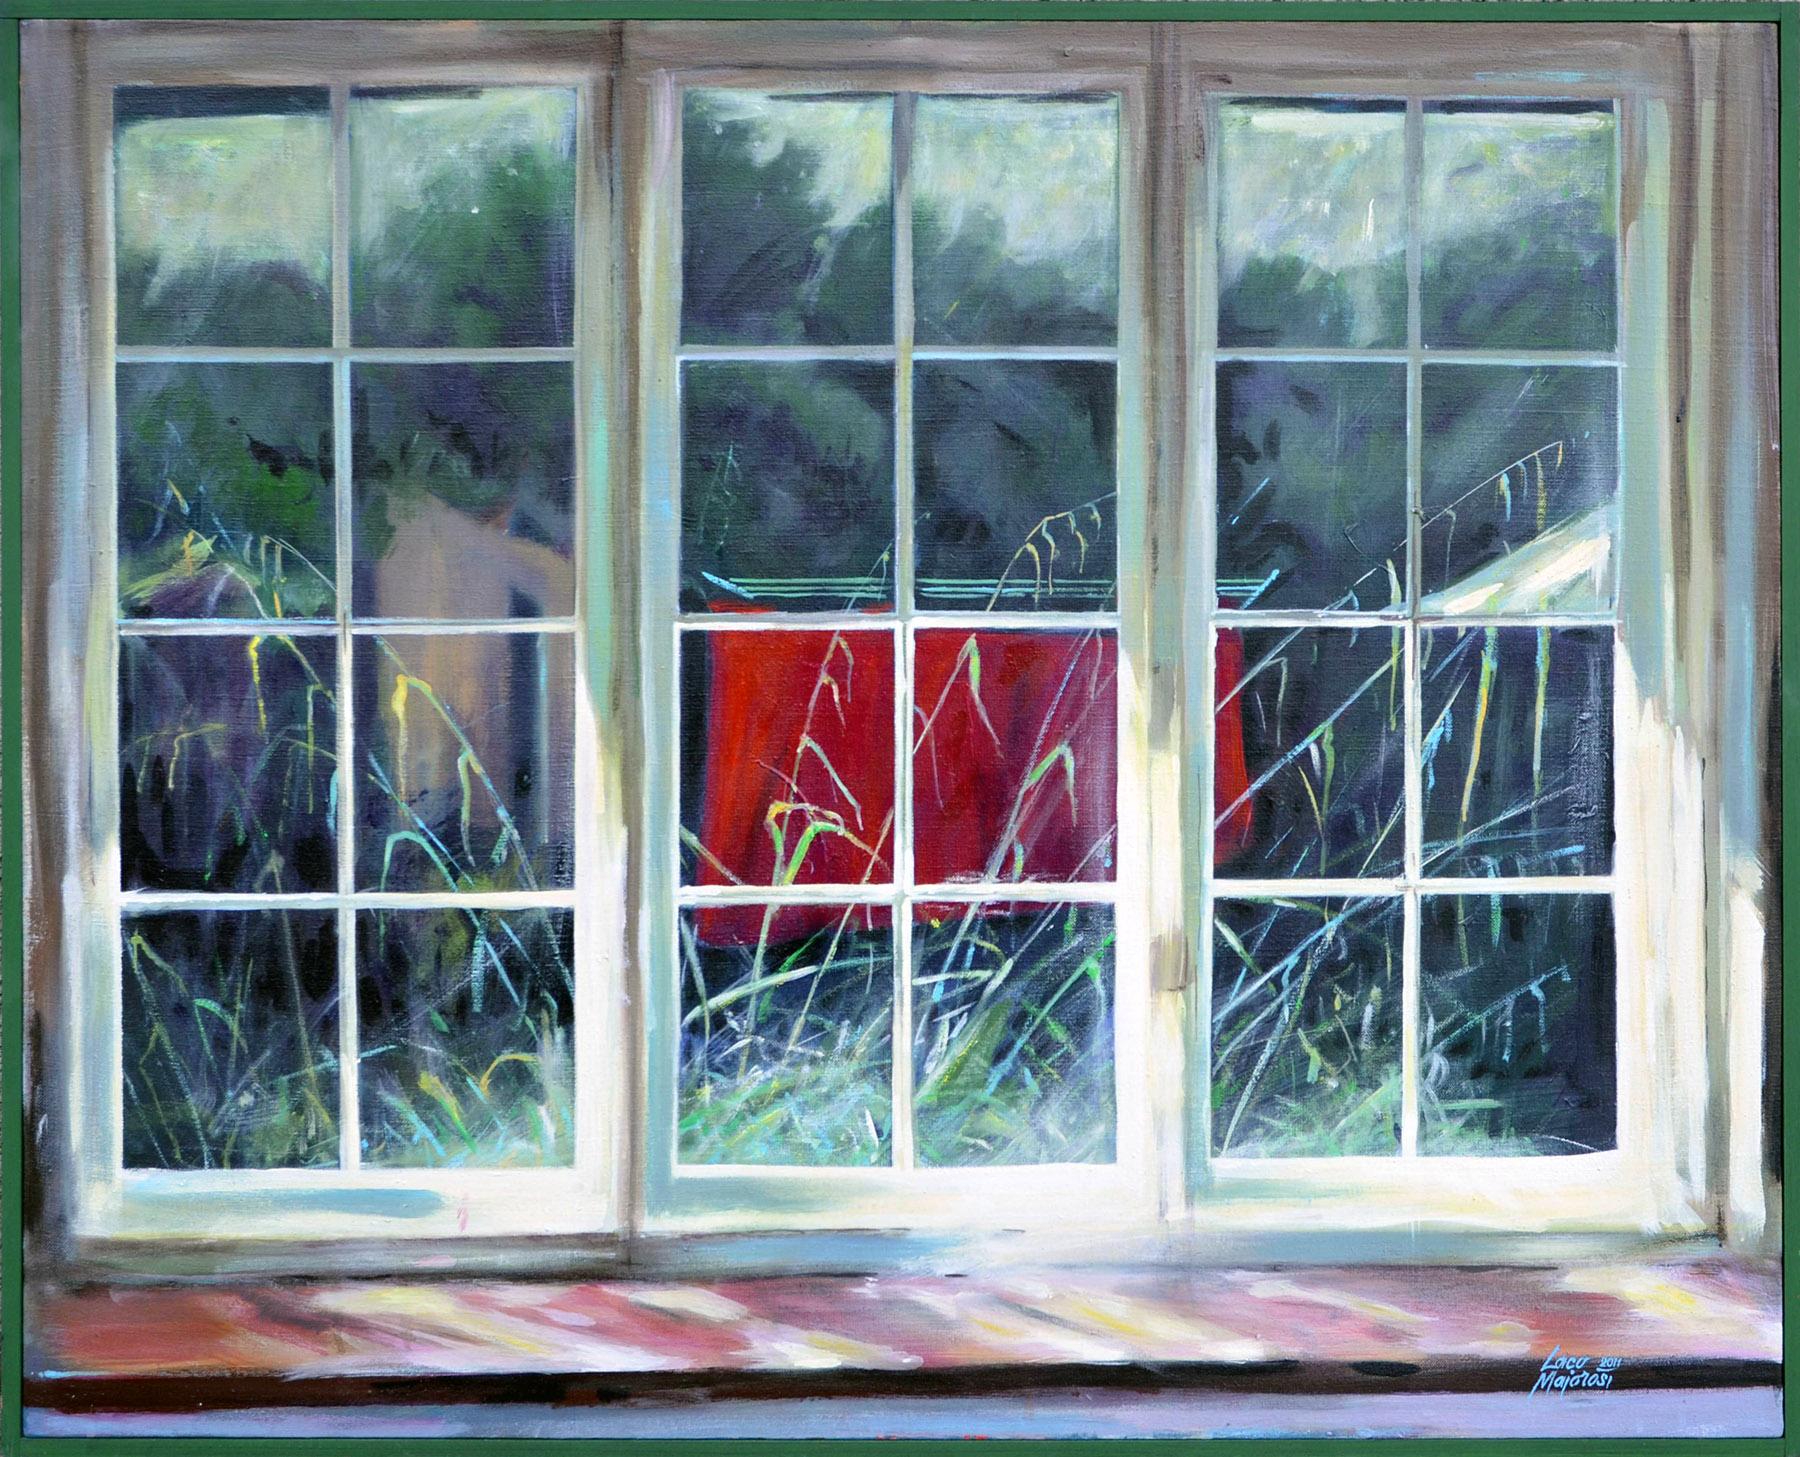 Ladislav Majoroši – Painswick 14:00 hod., akryl na plátne, 2011